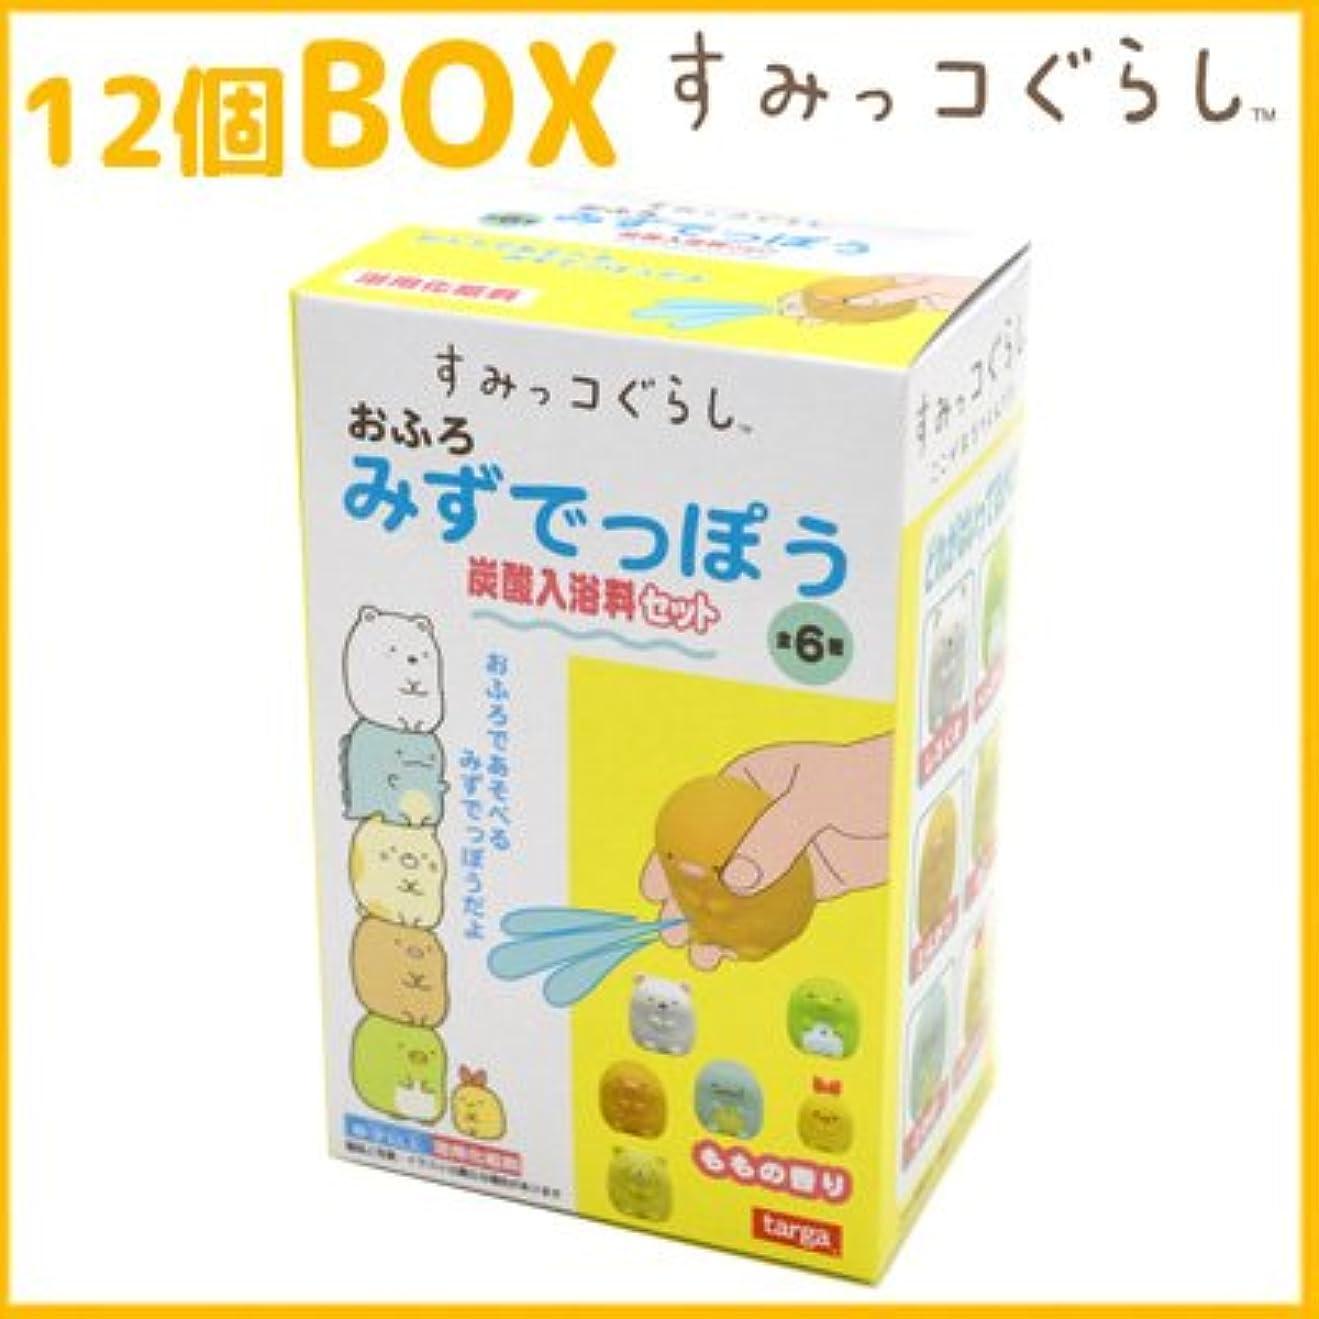 剥離犯罪しないすみっコぐらしおふろみずてっぽう炭酸入浴剤セット12個セットBOX販売